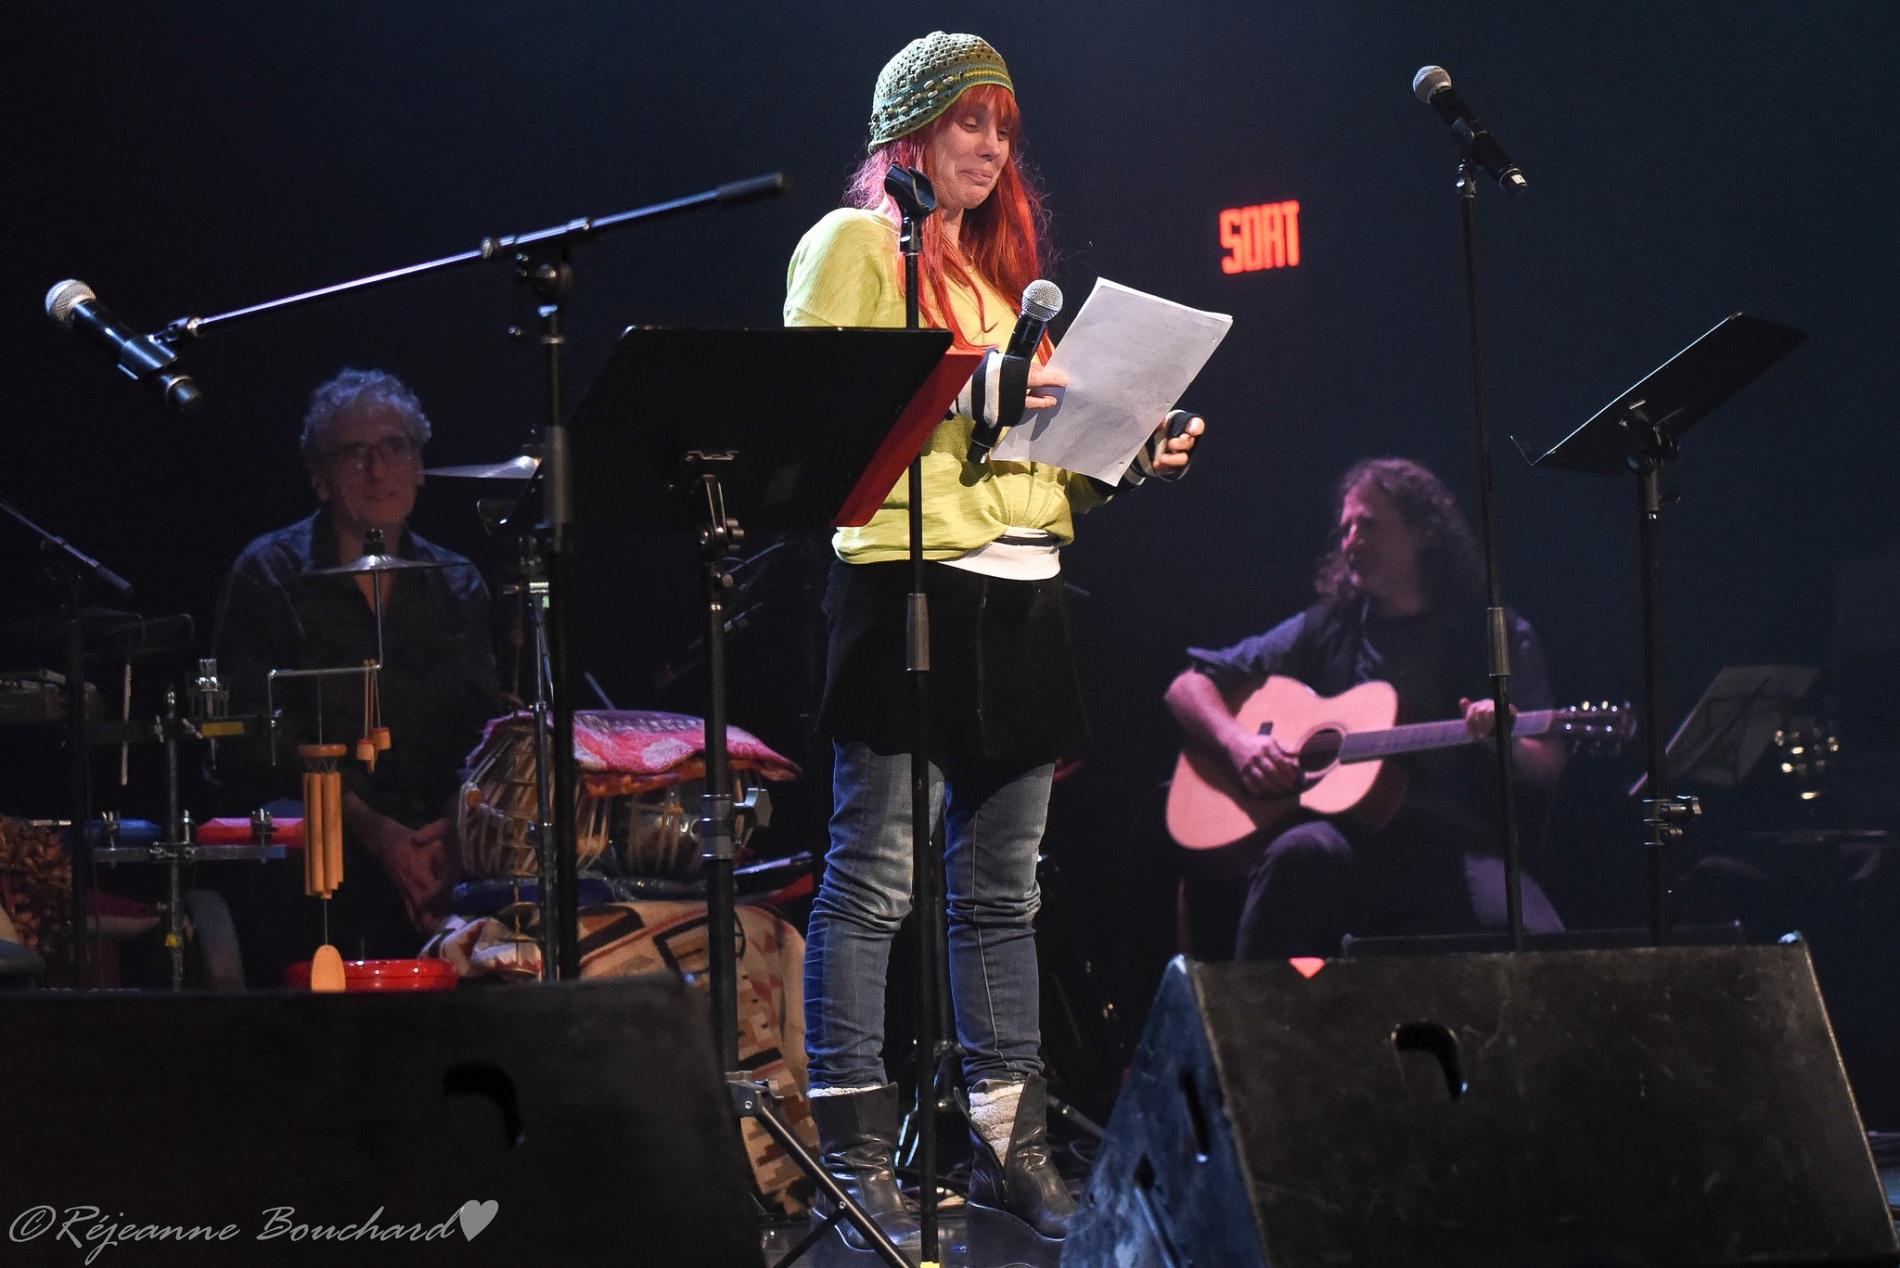 Nuit de la poésie 25 octobre 2018 Christian Paré, Chloé Sainte-Marie et Frédéric Dufour